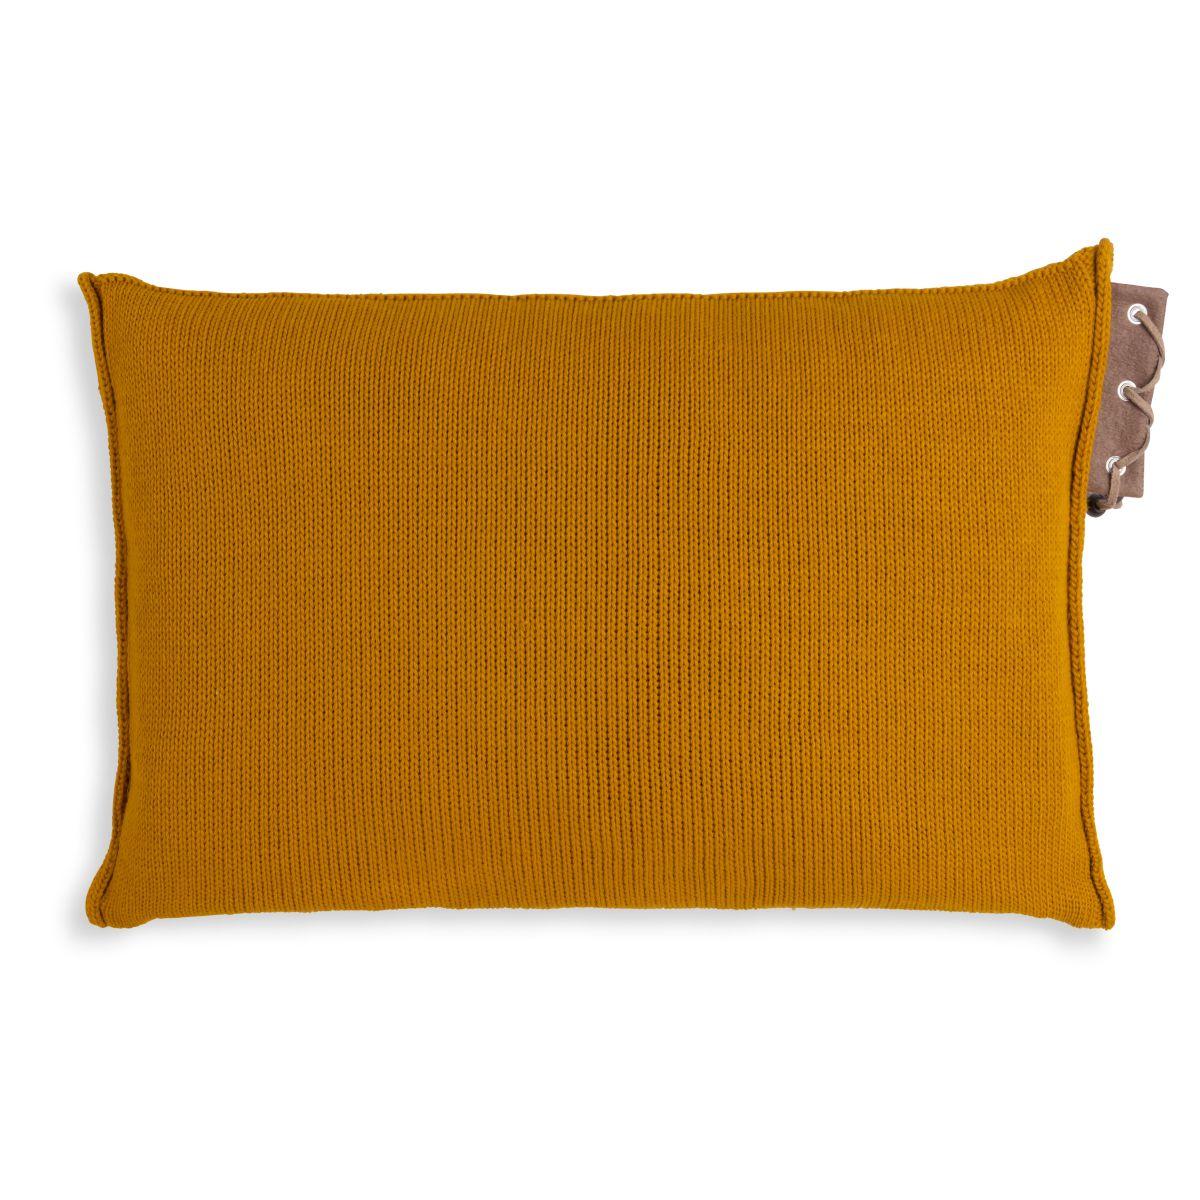 jay cushion ochre 60x40